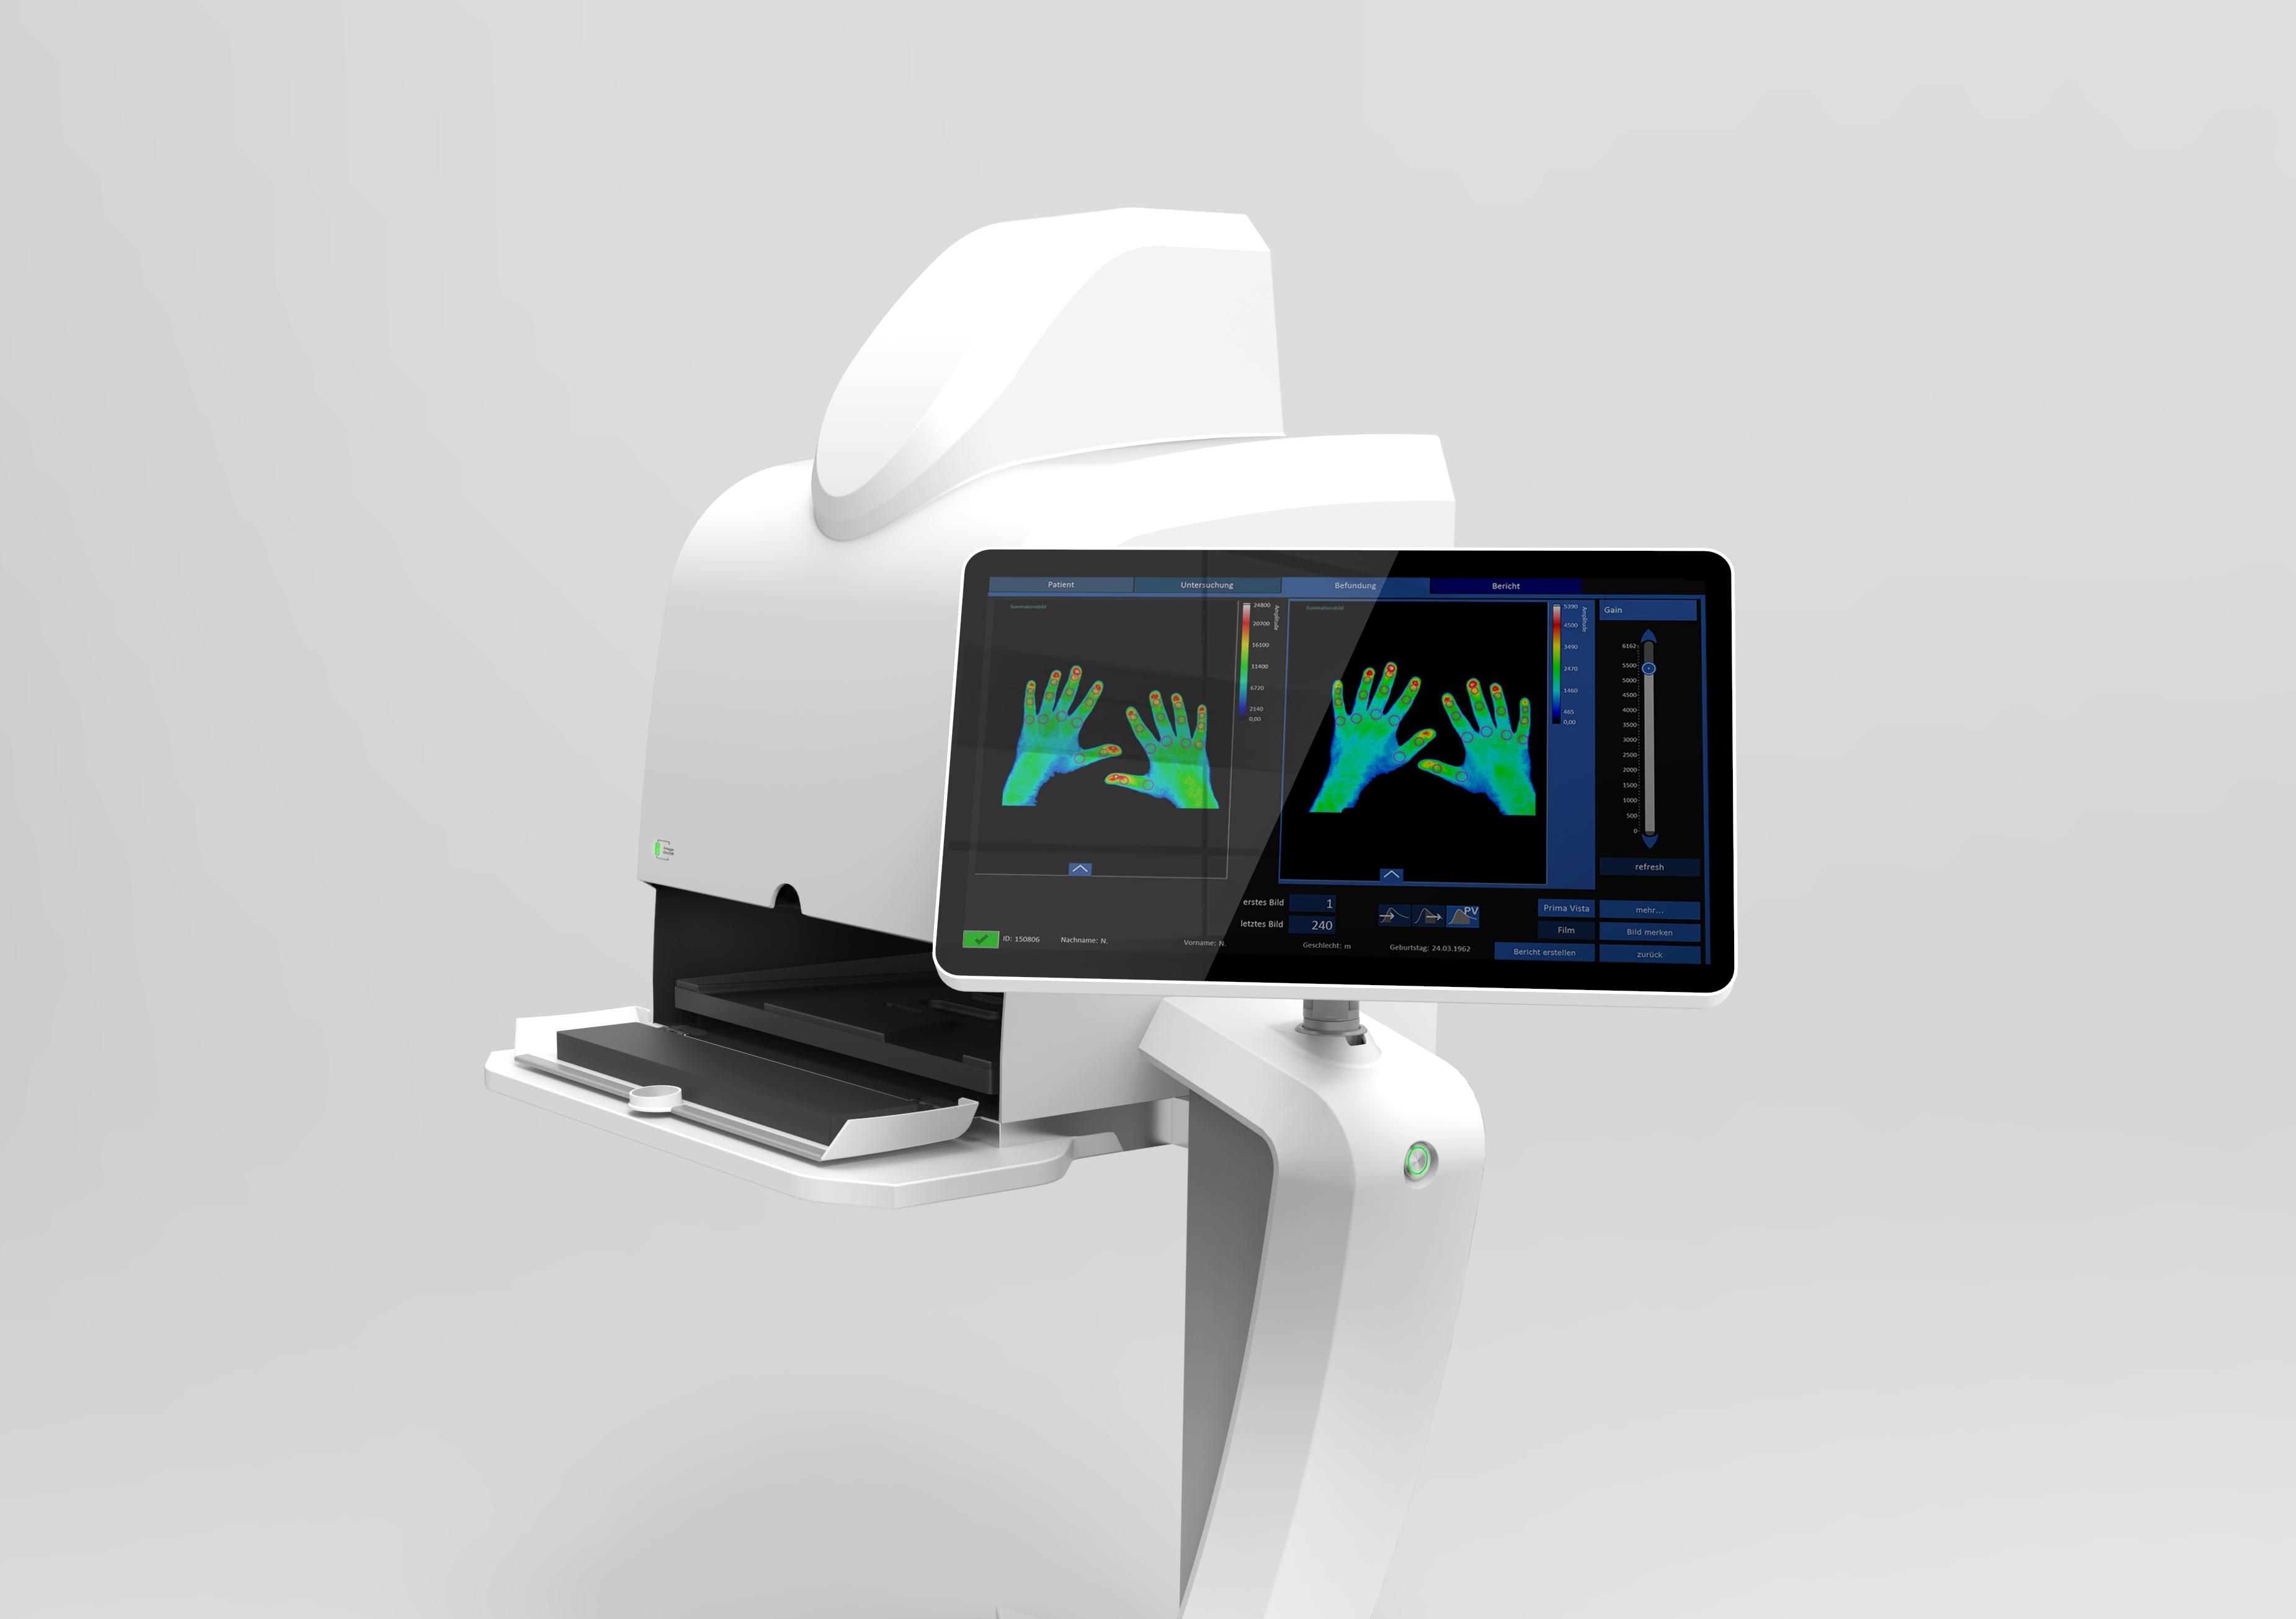 Messung gestörter Mikrozirkulation mit Xiralite X5 Touchscreen